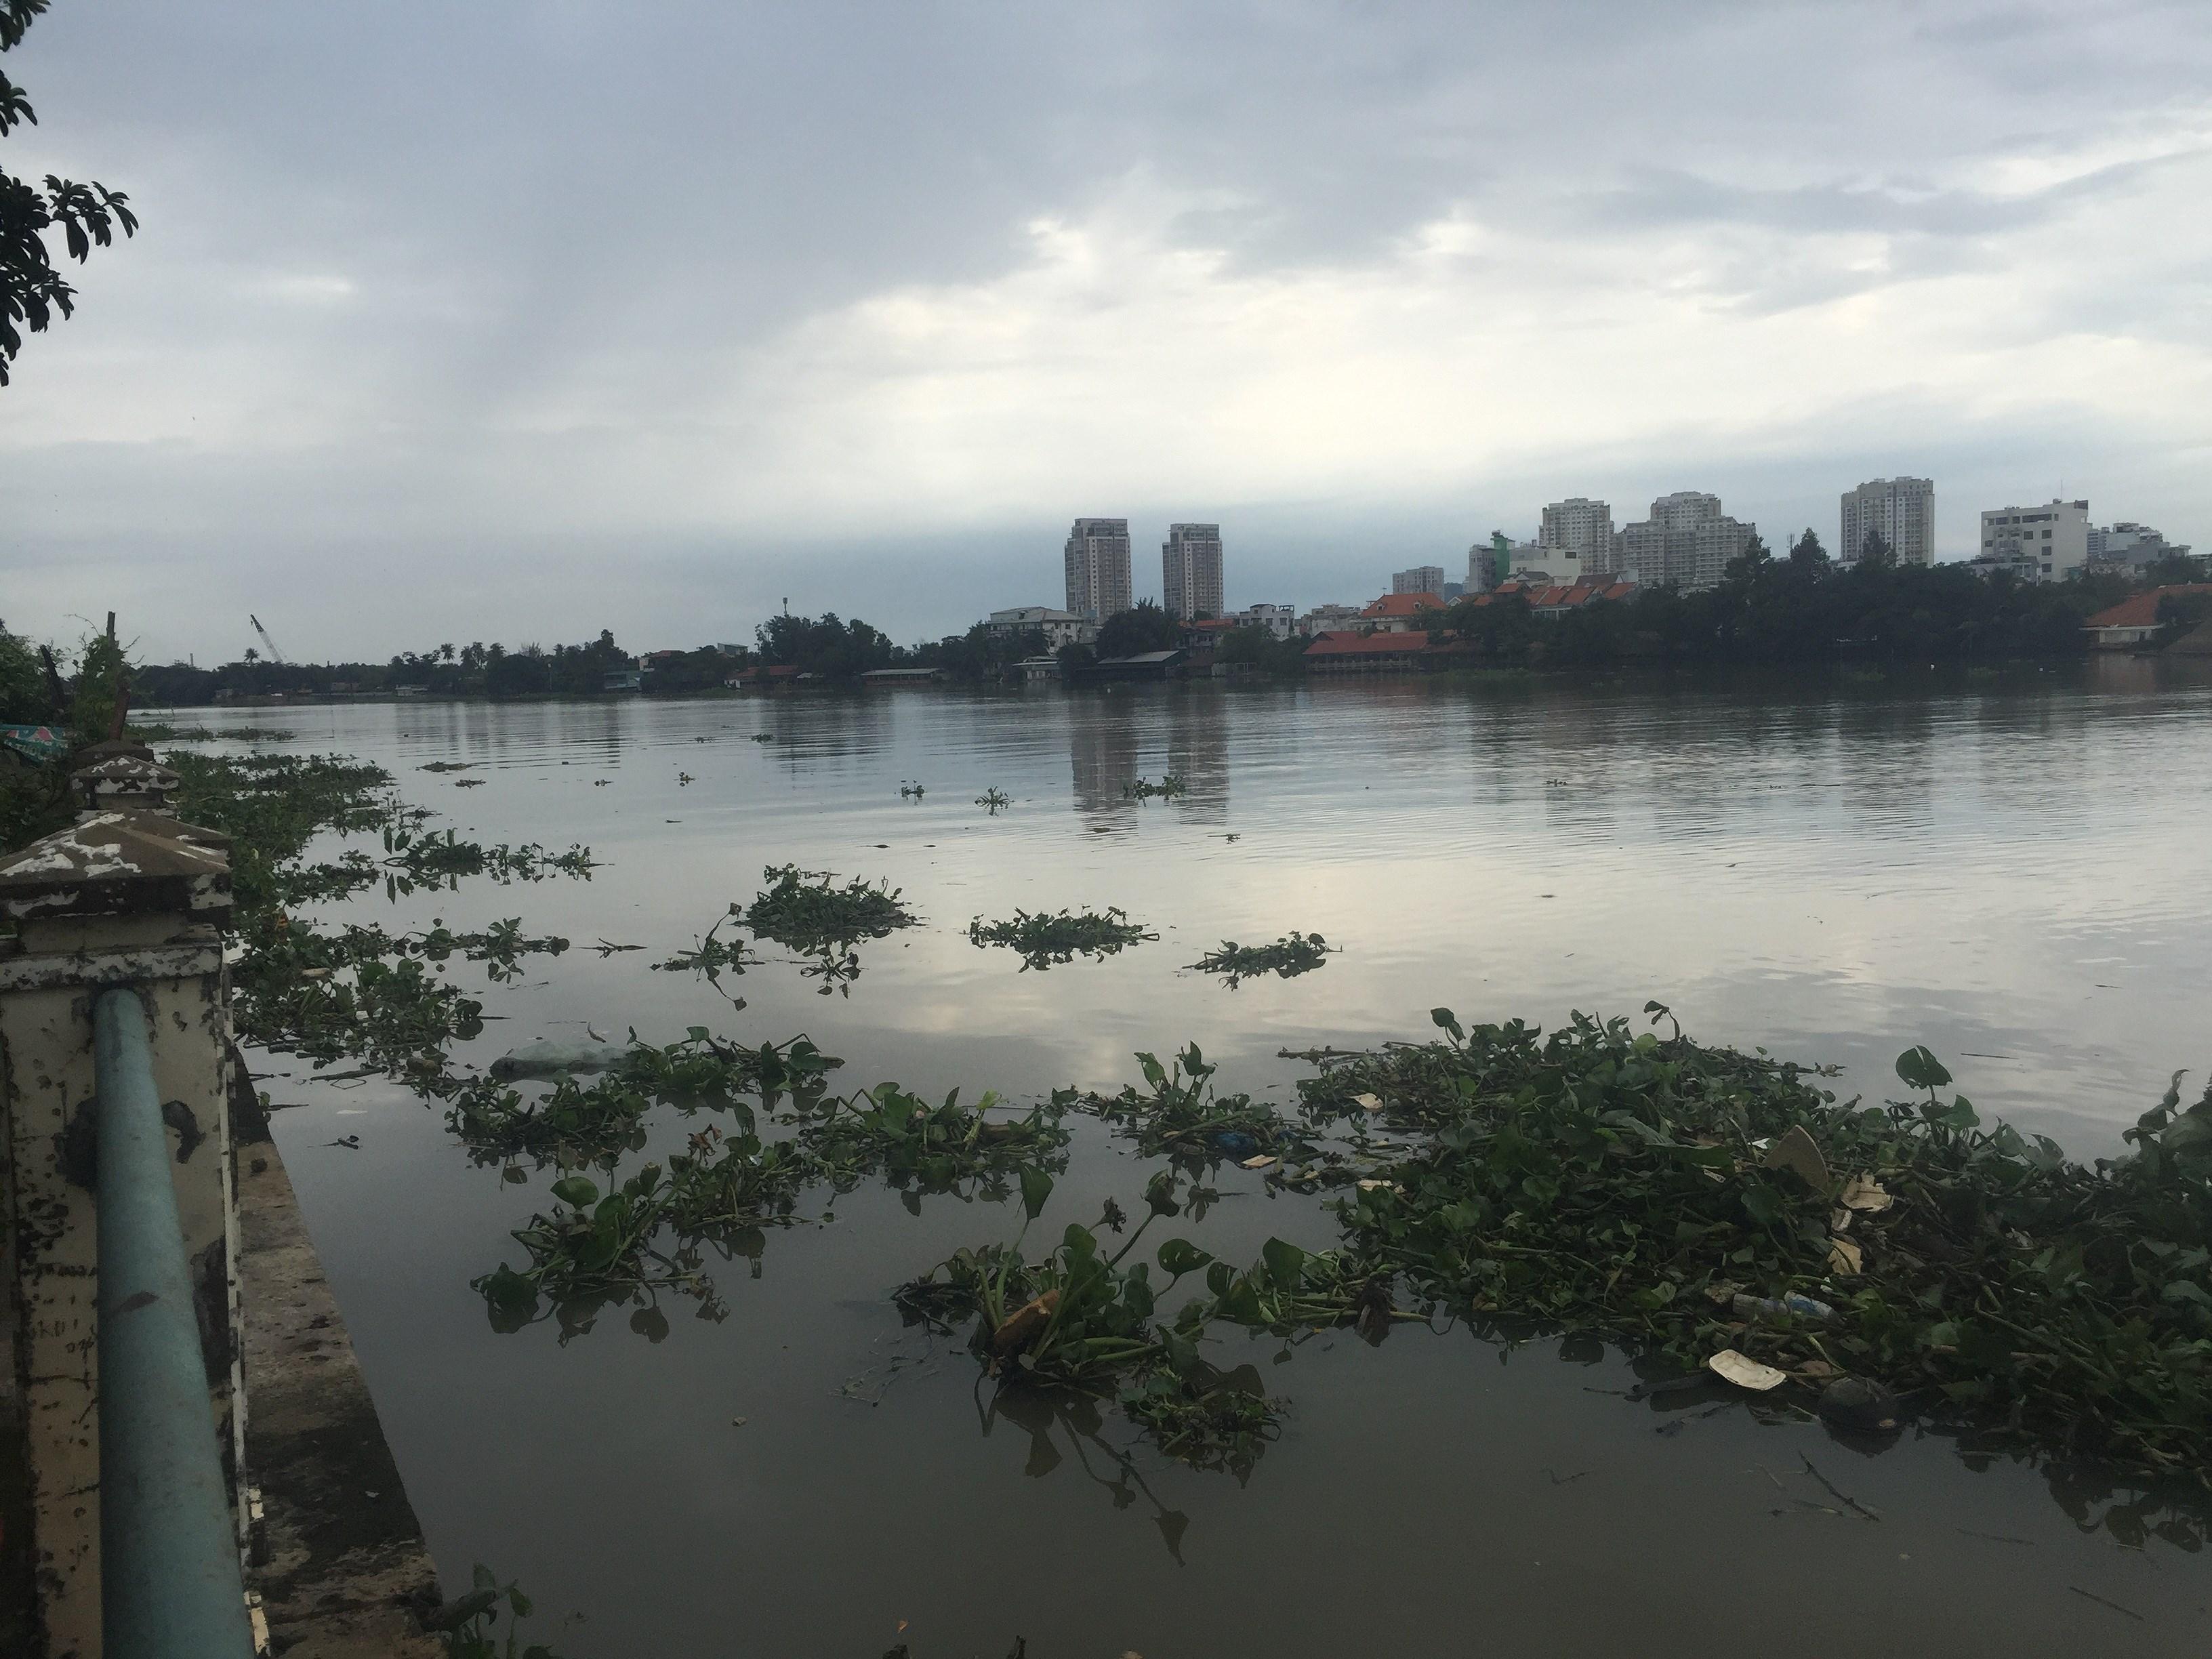 Phát hiện thi thể nam thanh niên trôi trên sông Sài Gòn Ảnh 1